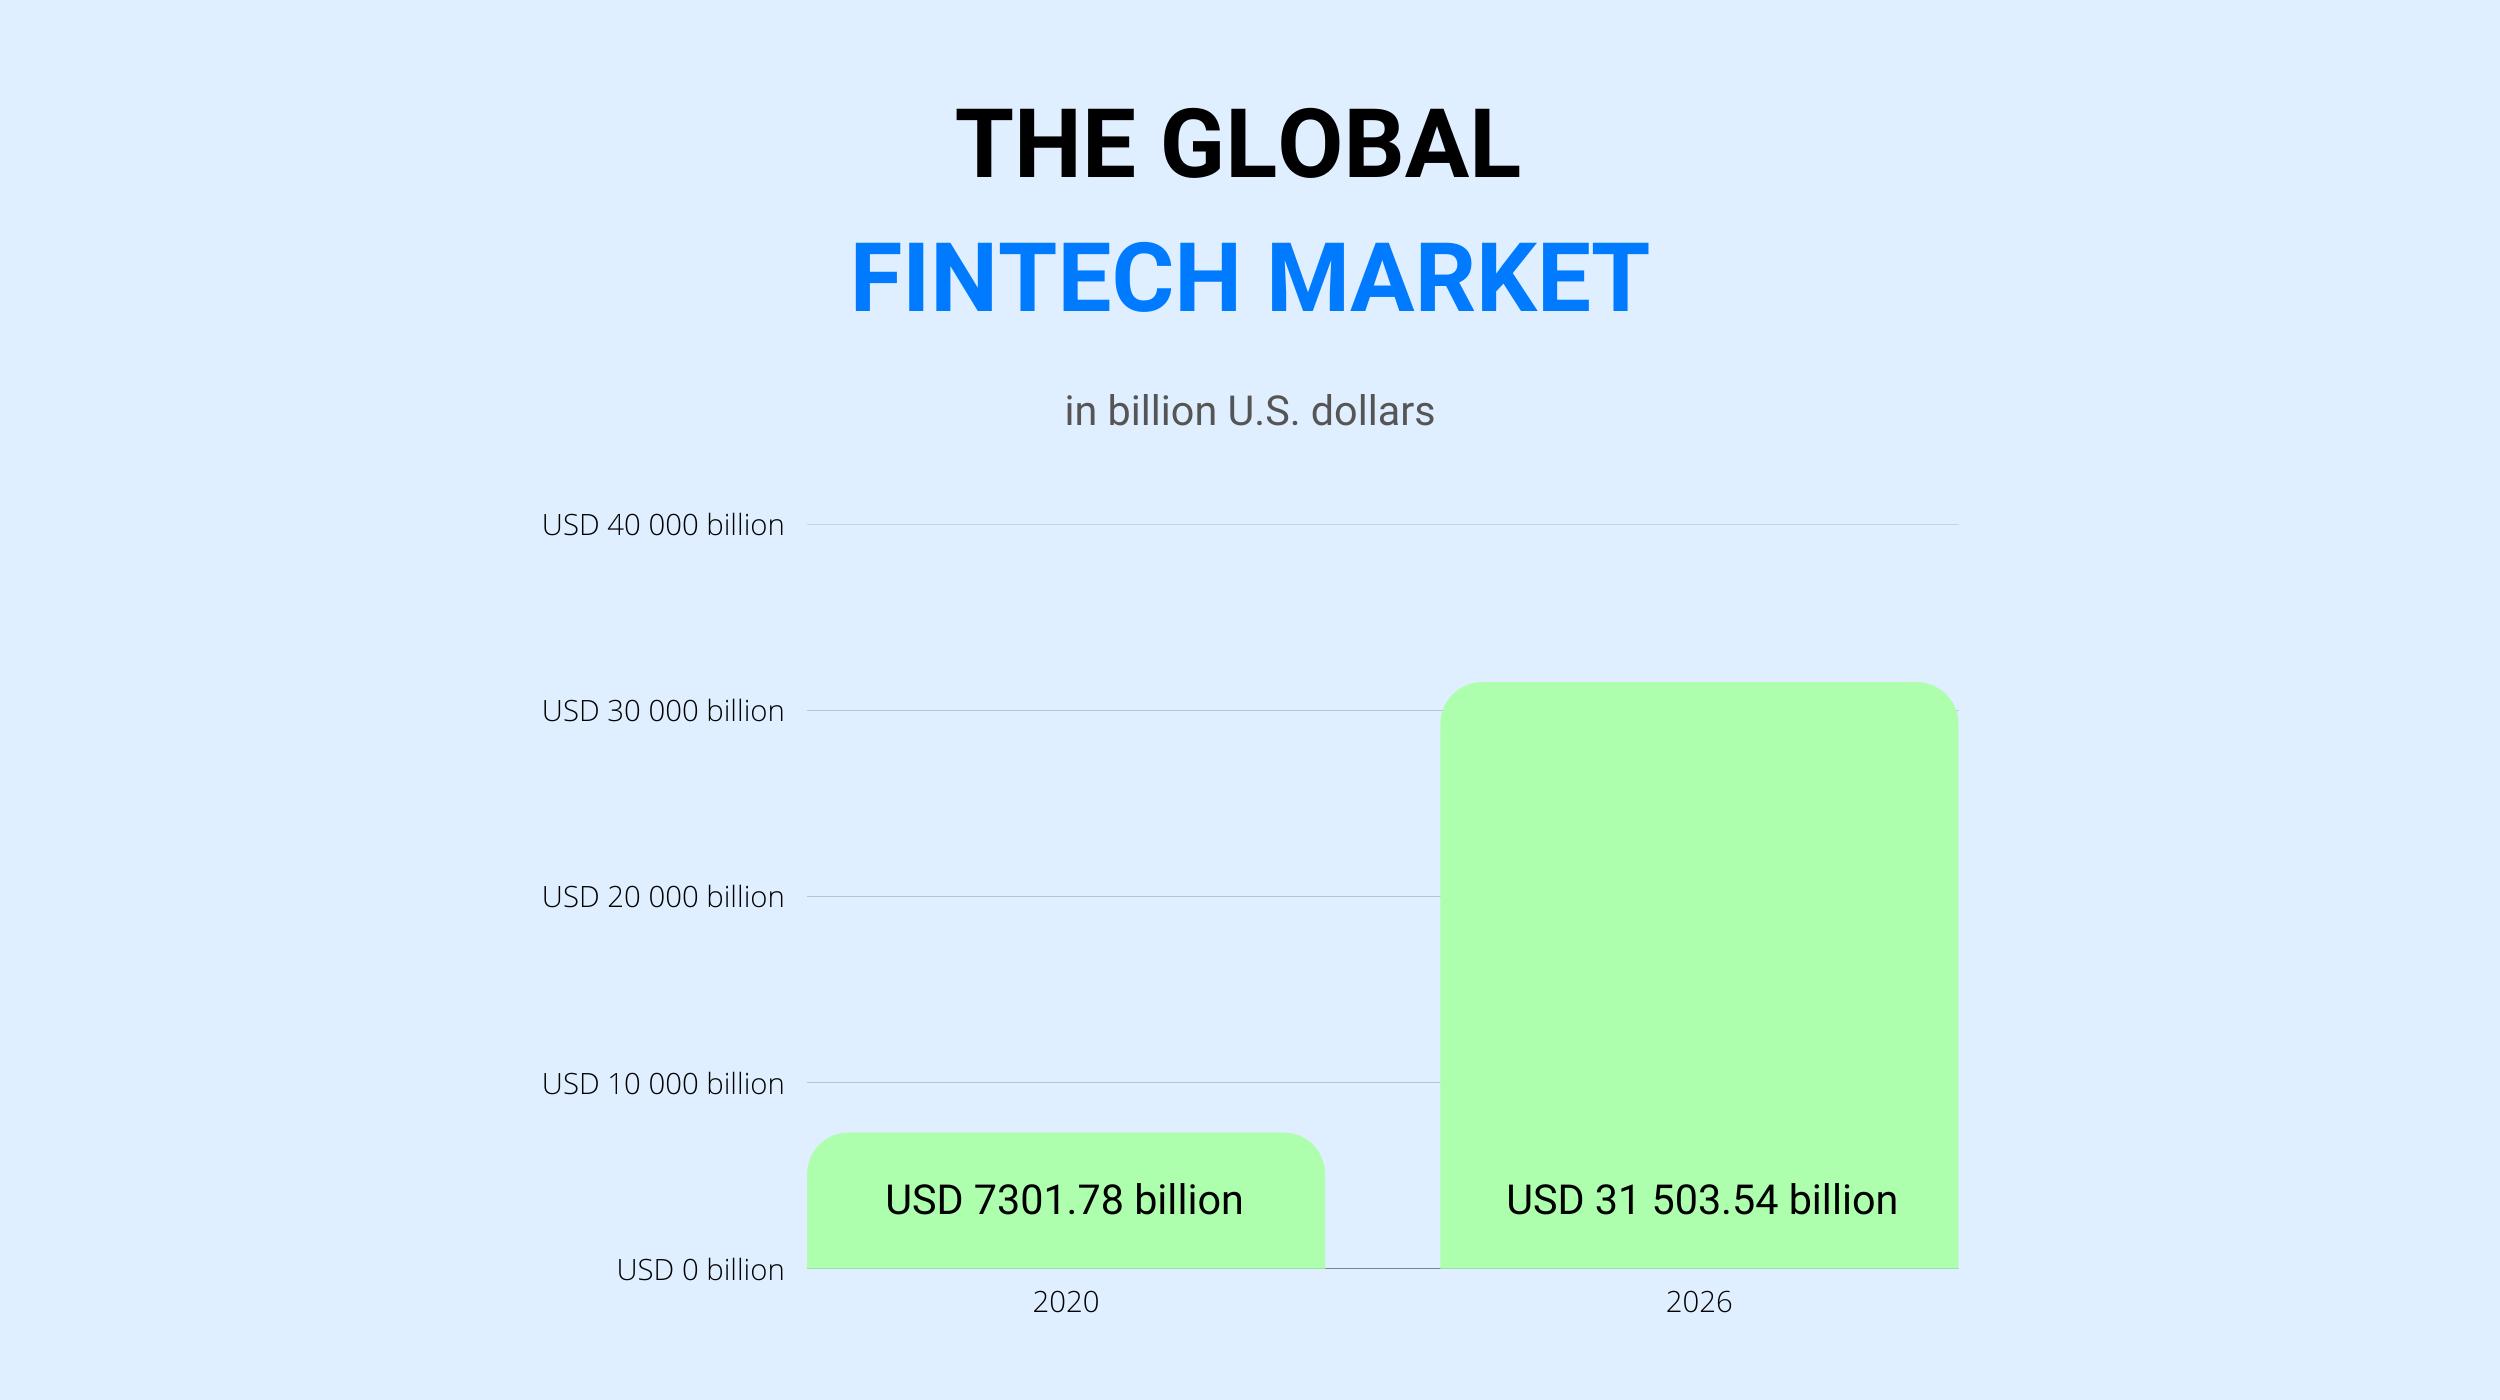 The Global Fintech Market